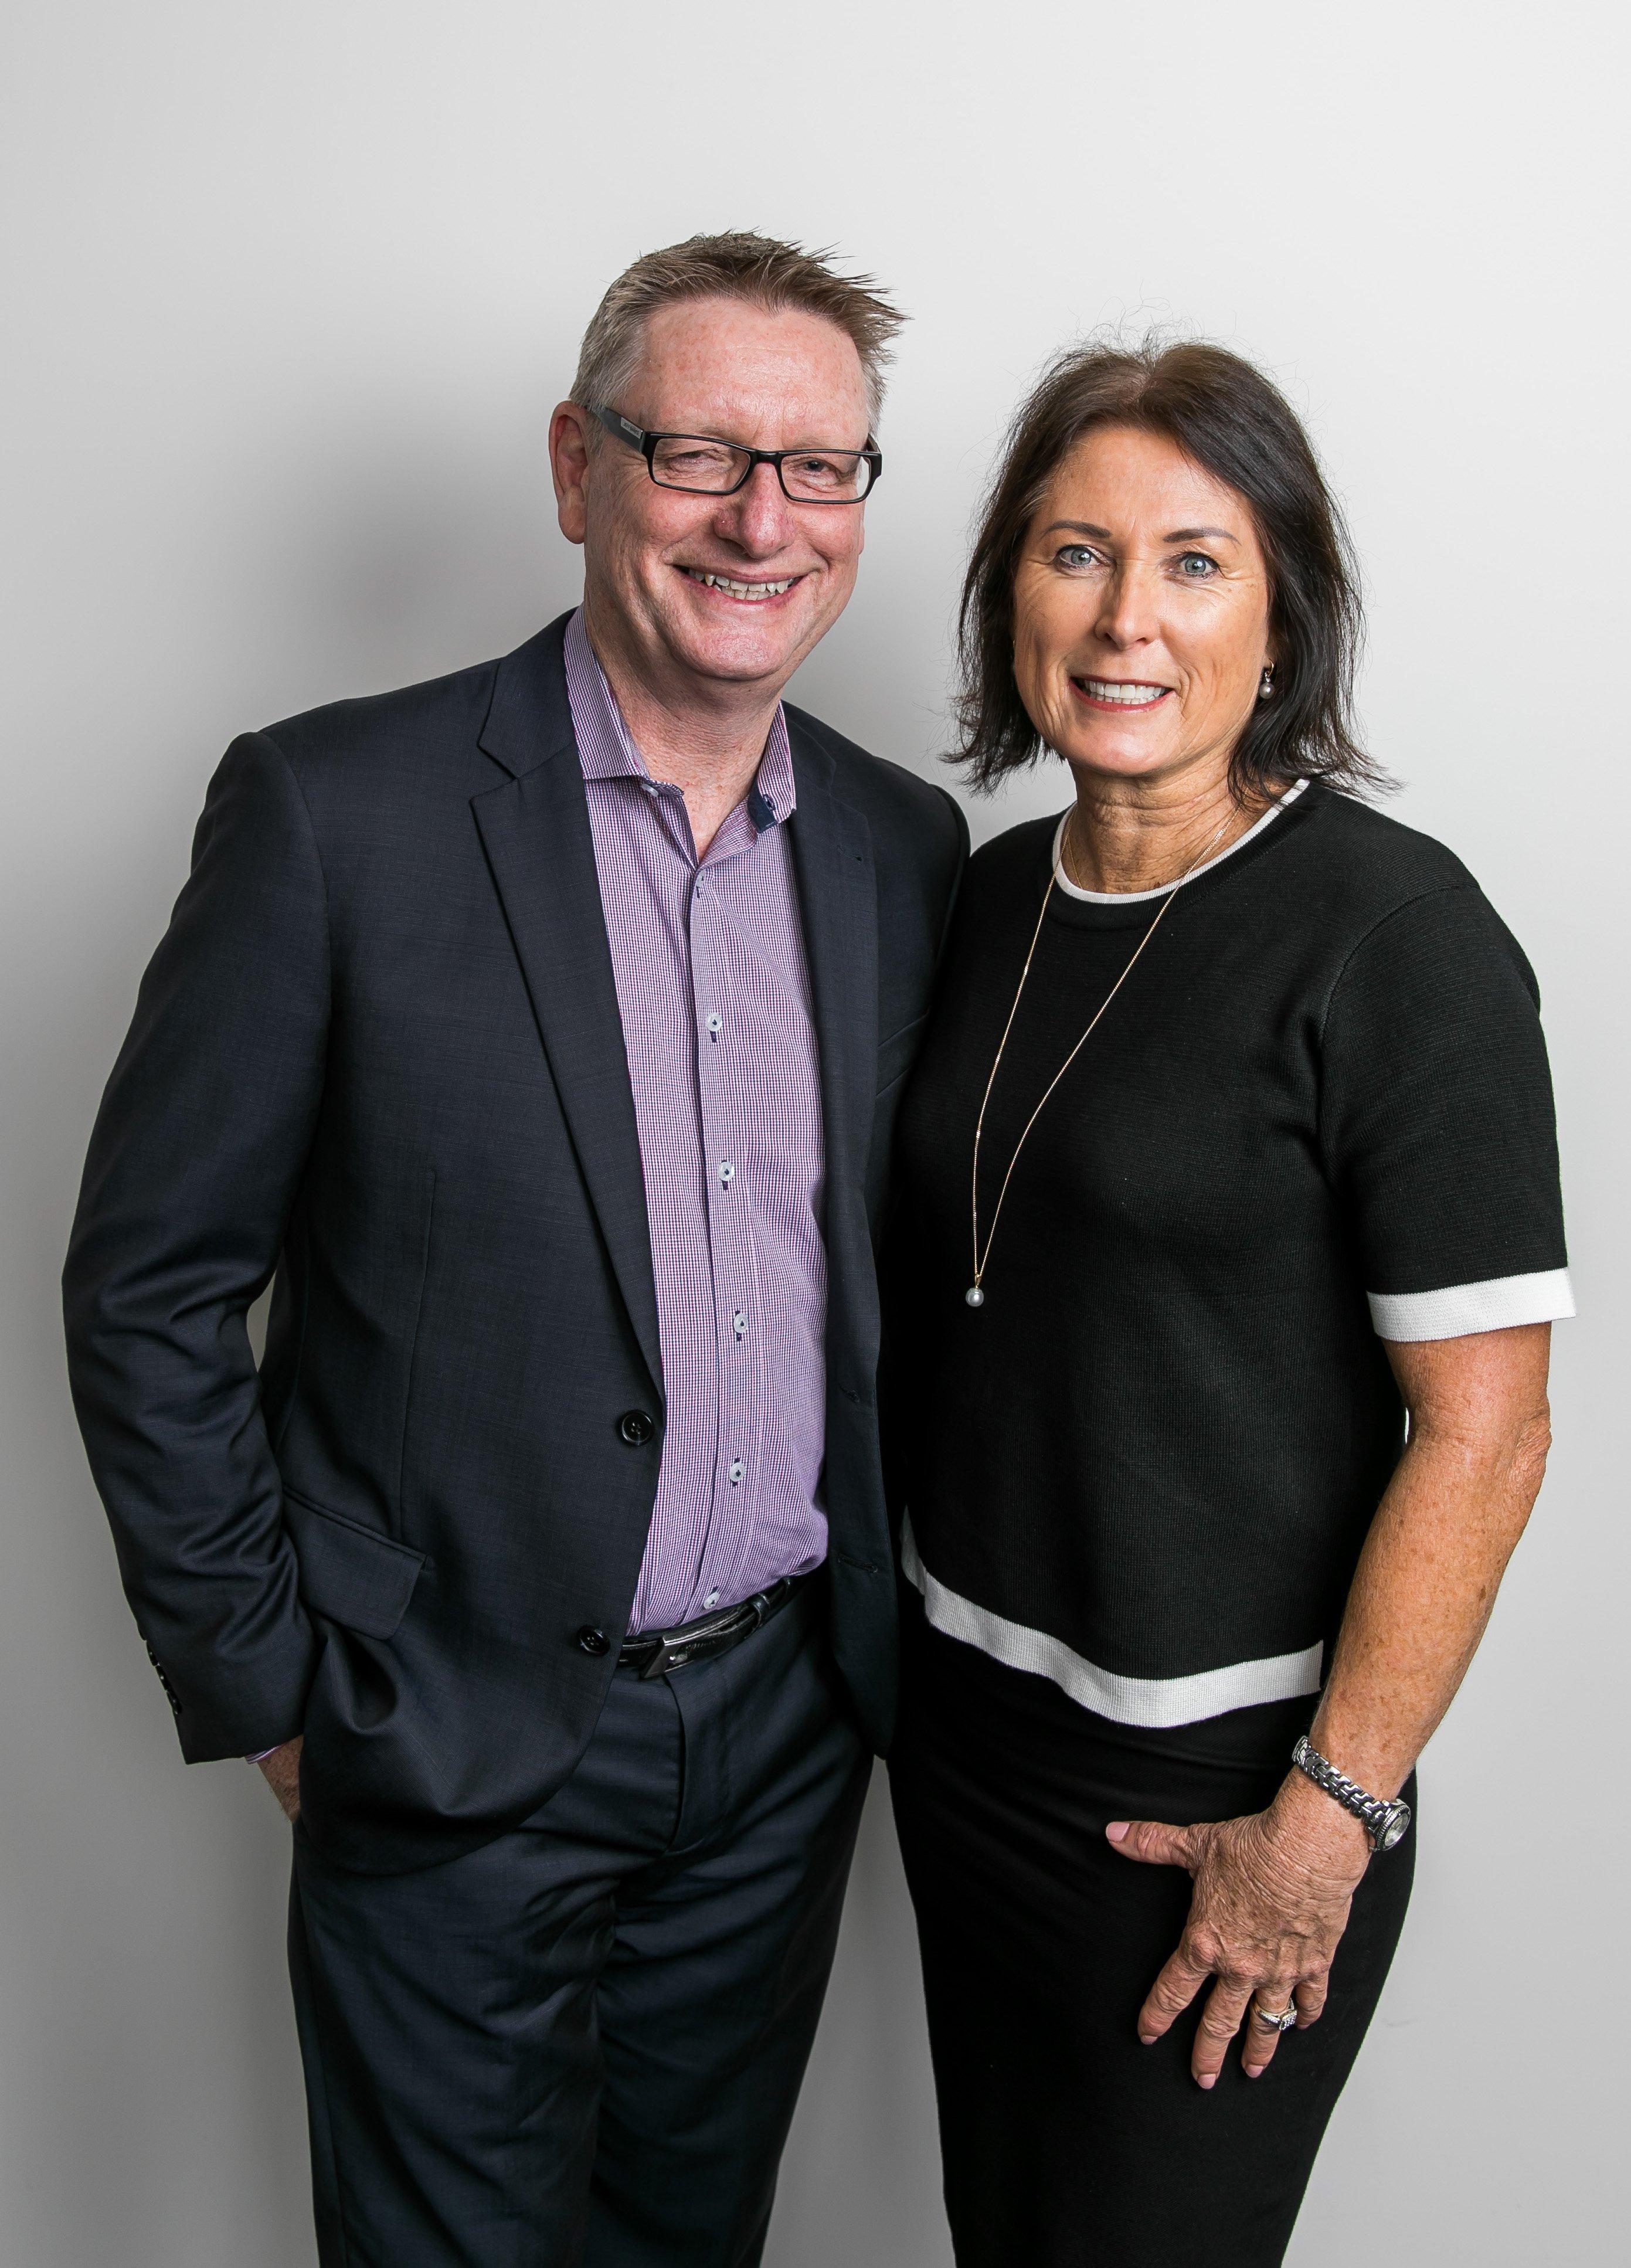 Martin and Gabrielle Palin